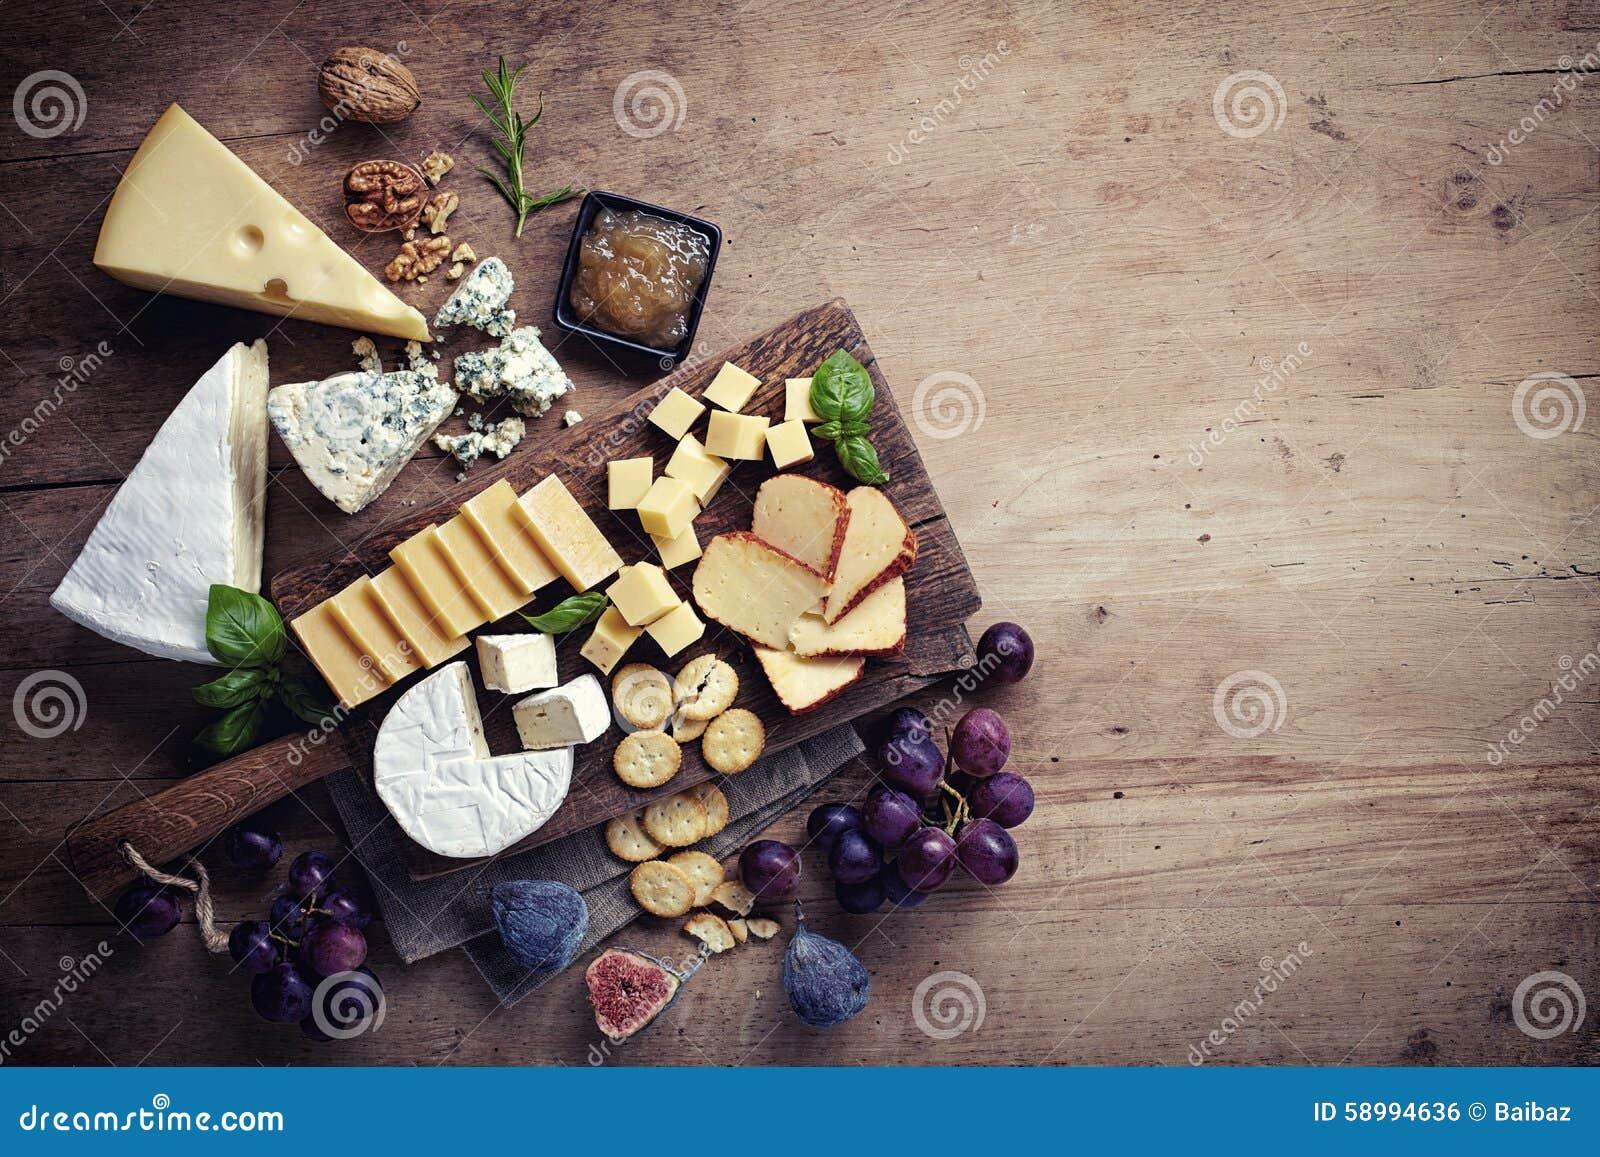 Placa de queso